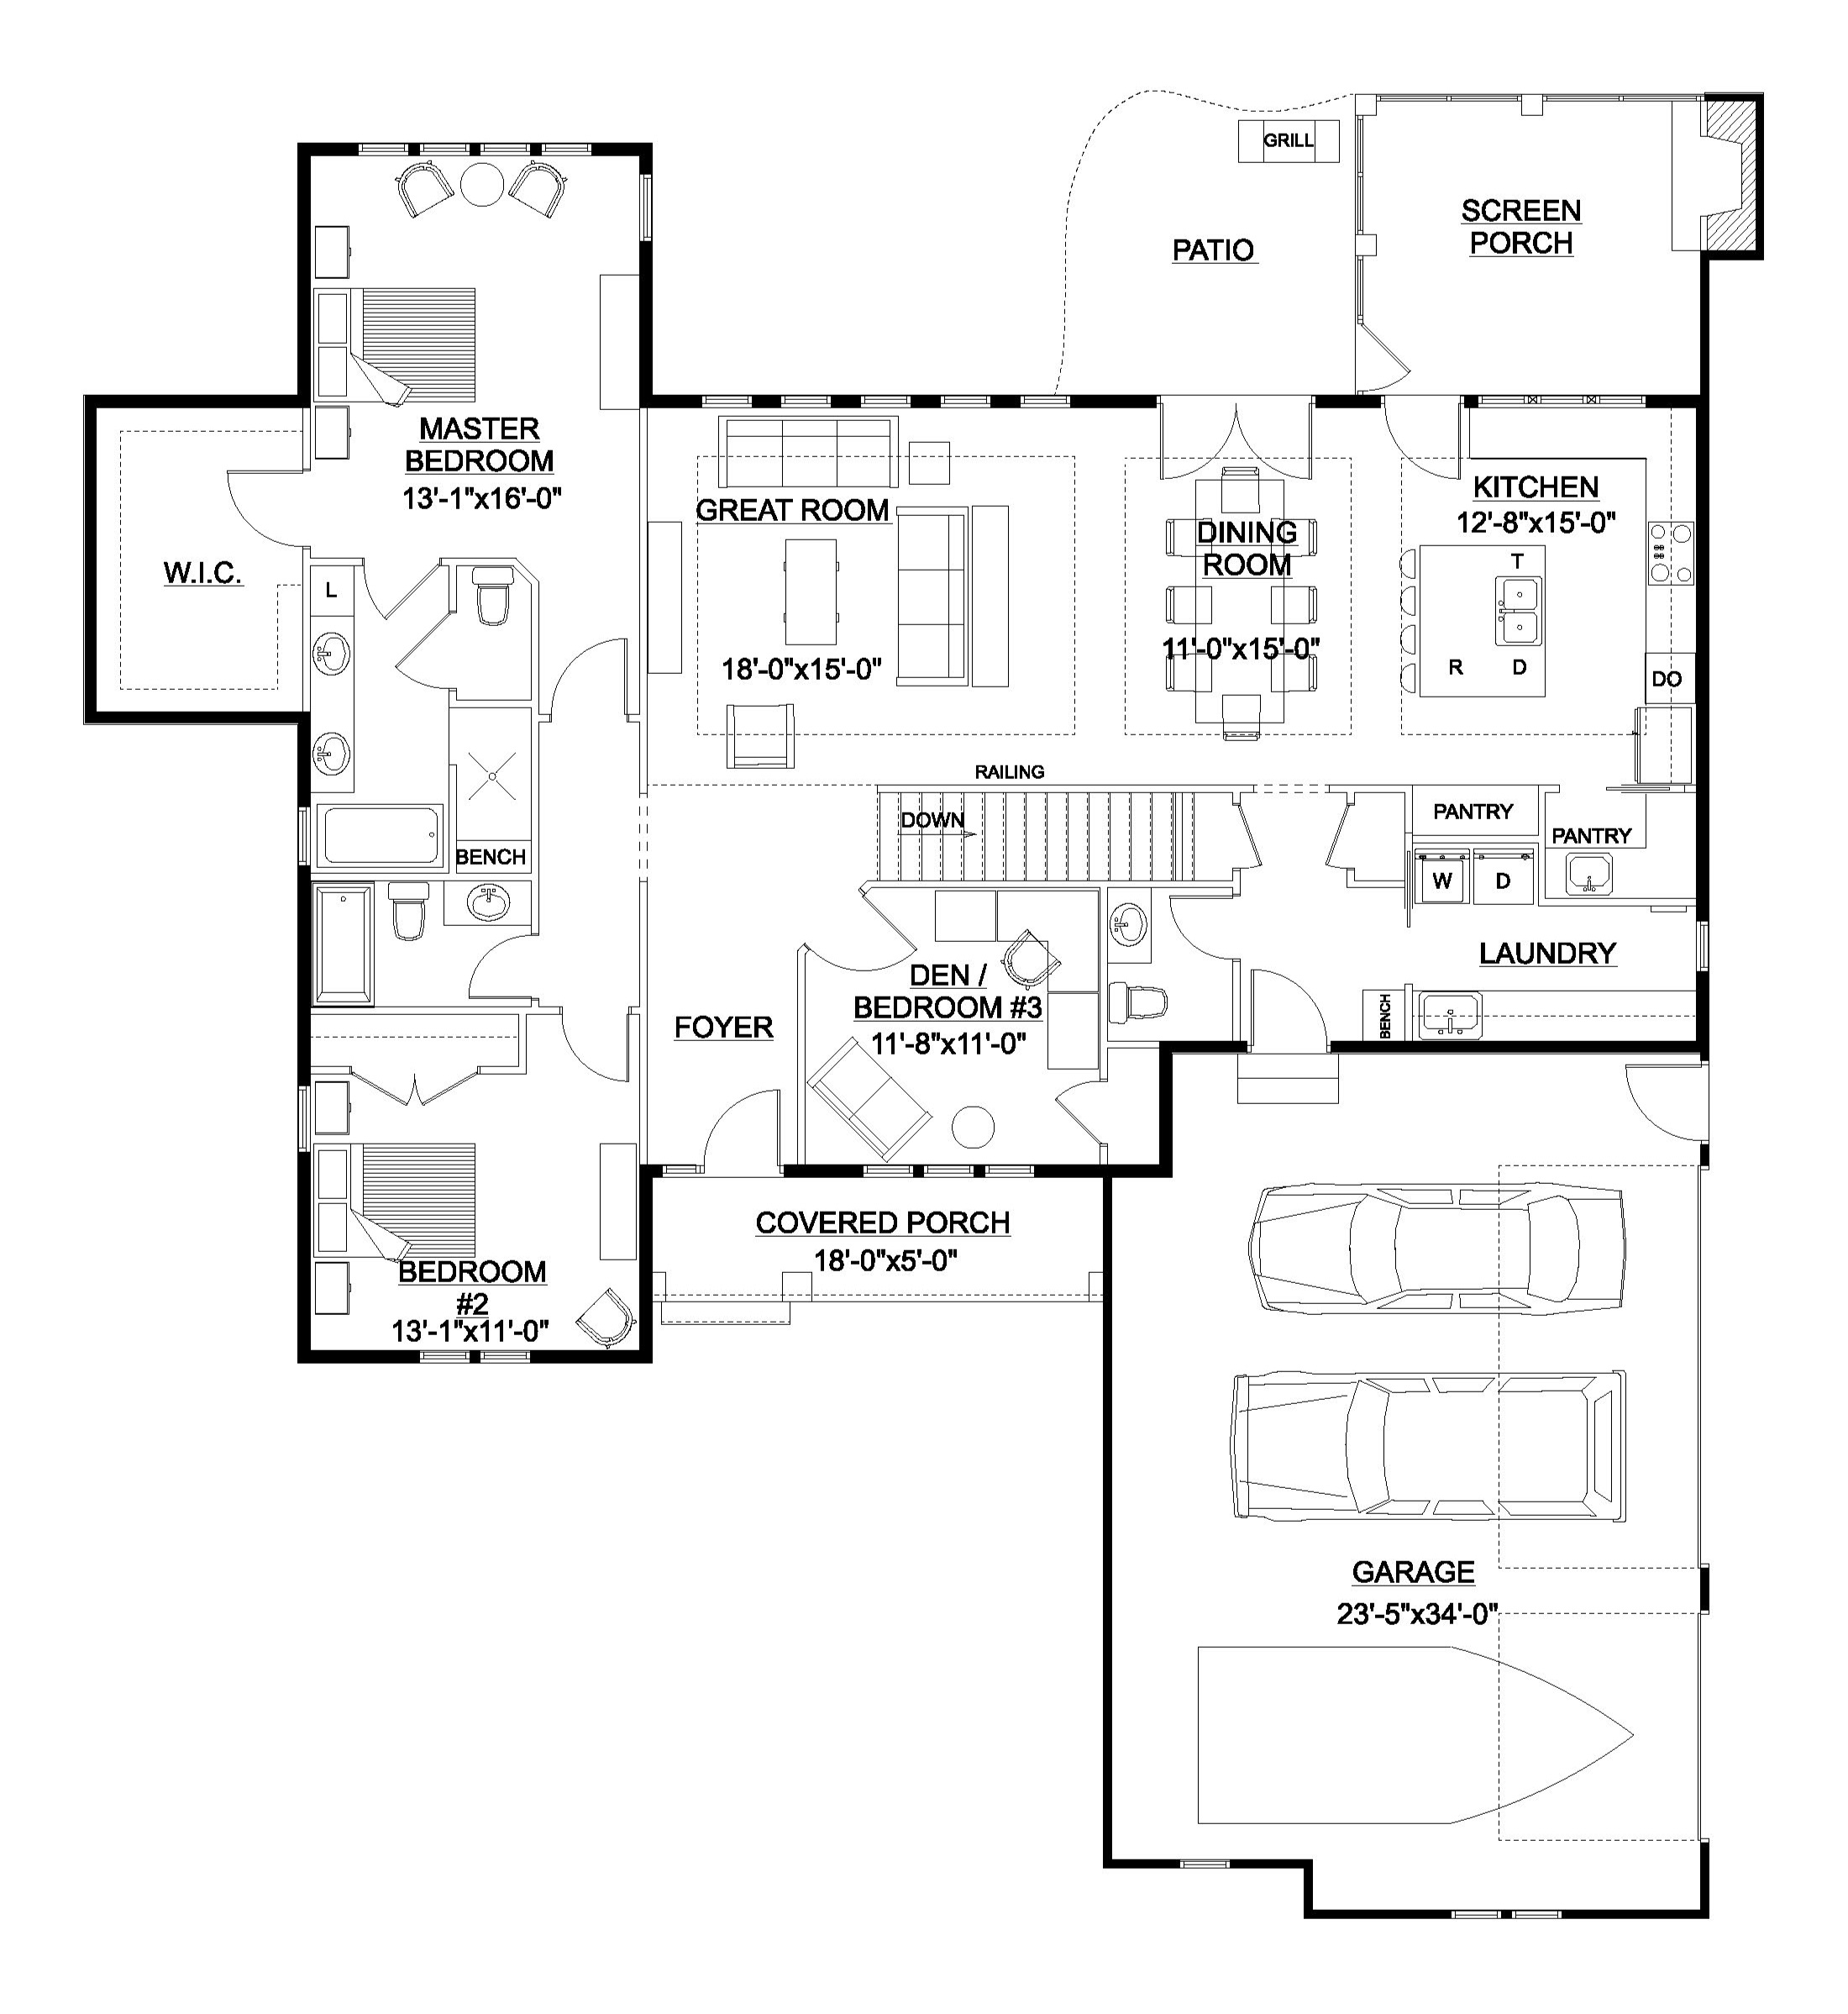 WE05+Floorplan.jpg